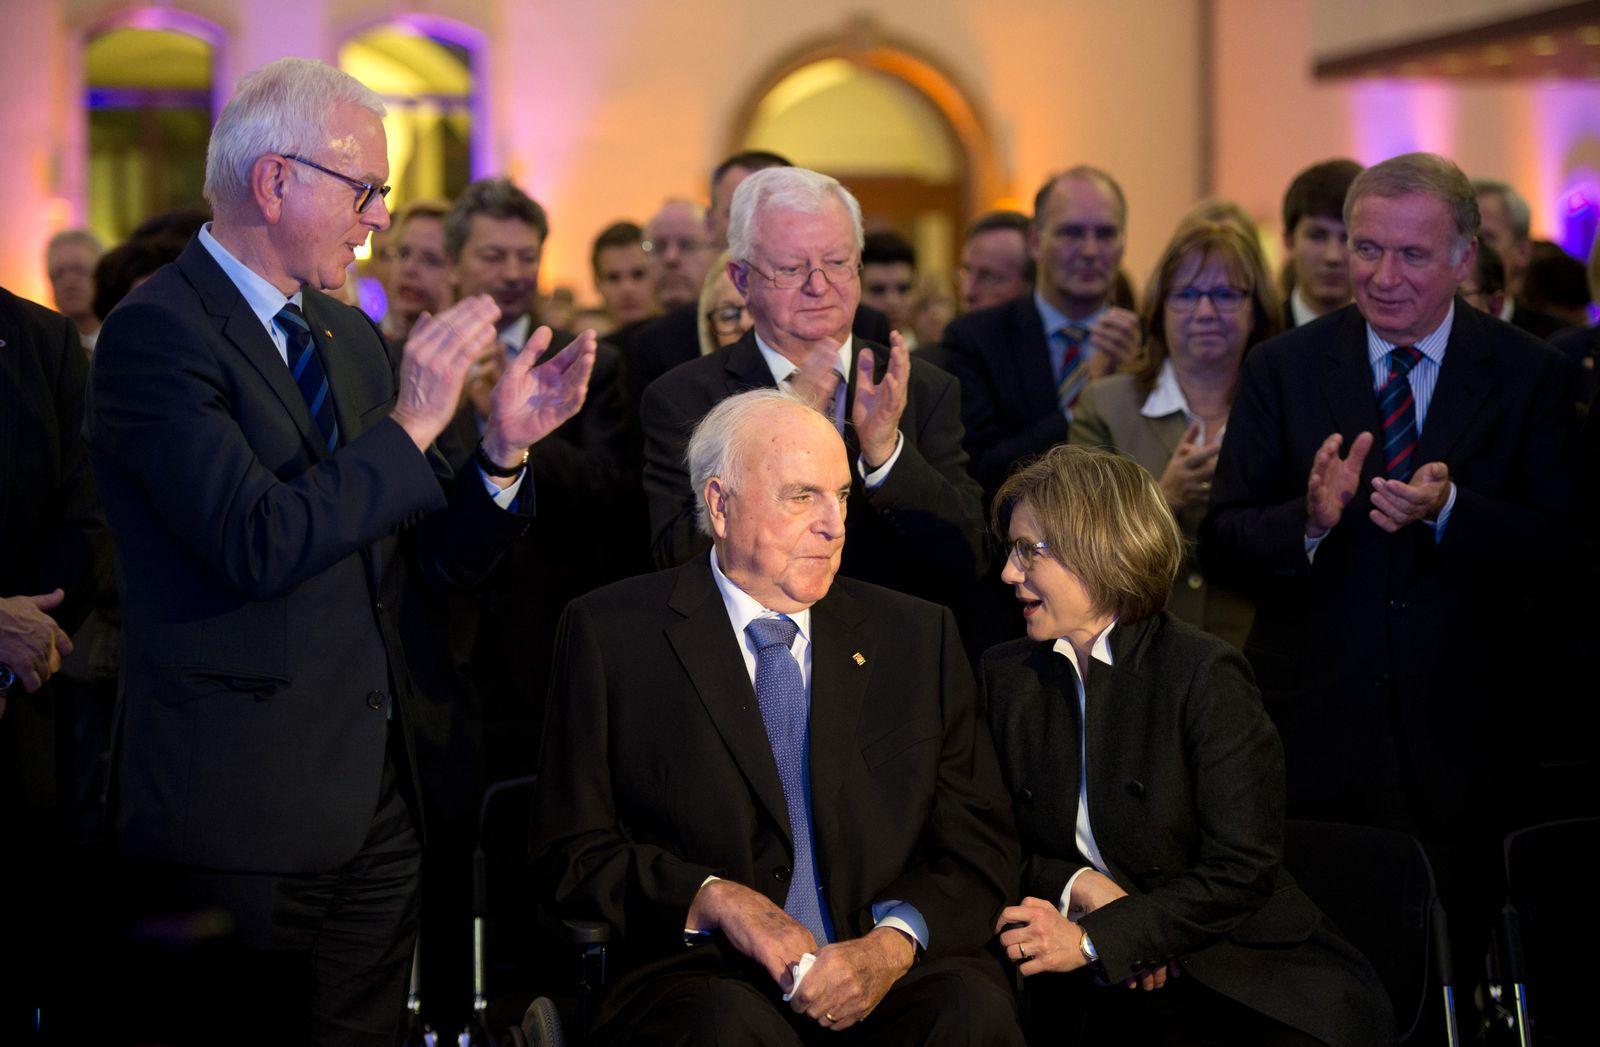 Helmut Kohl / Maike Kohl-Richter